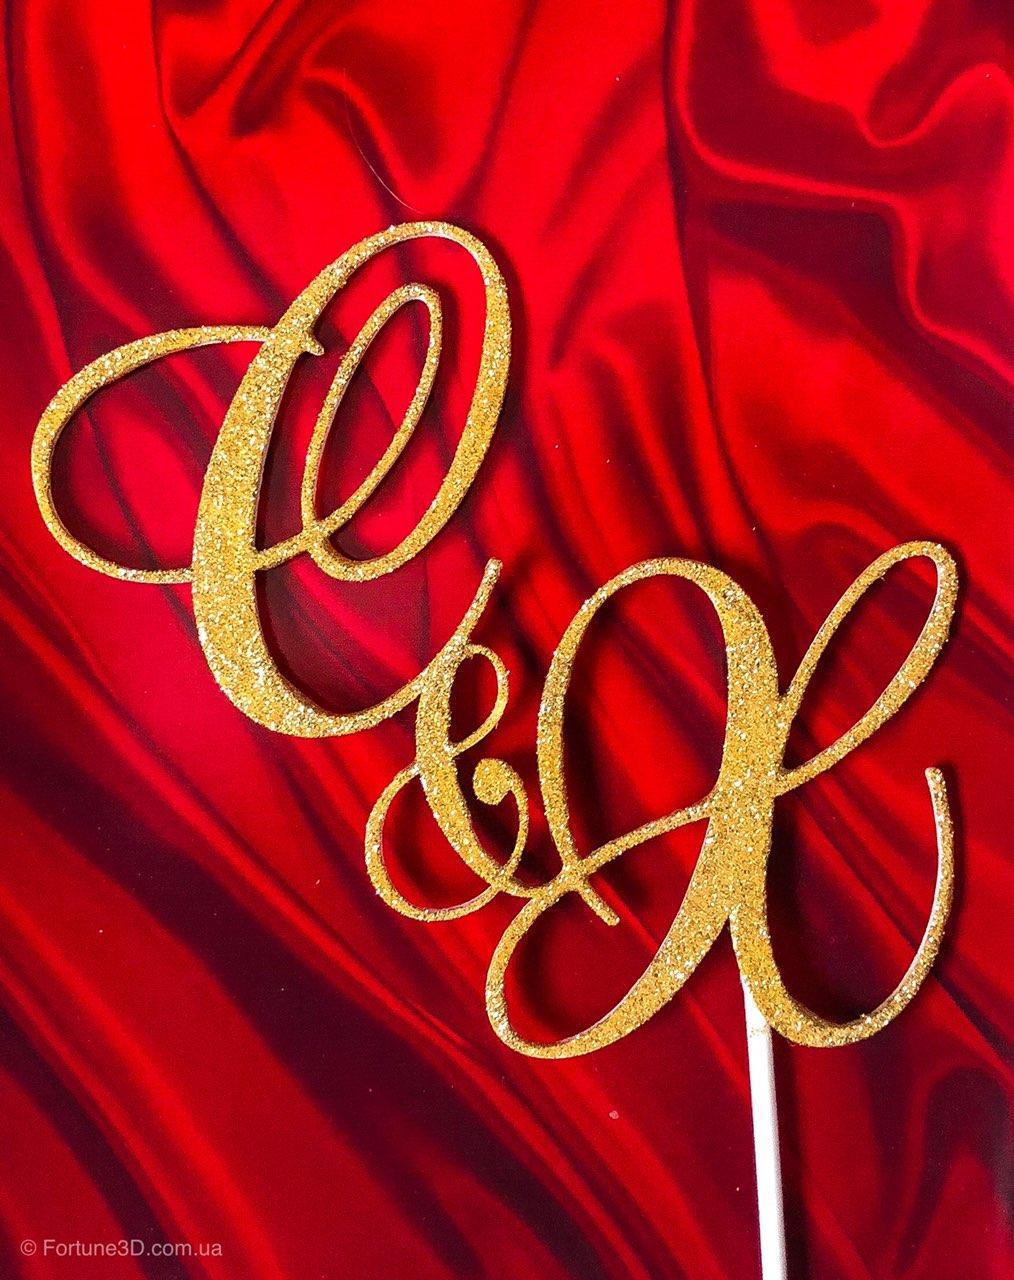 Инициалы на свадьбу С&Х, Буквы в торт СХ, Большие-инициалы в золотых блестках 18см